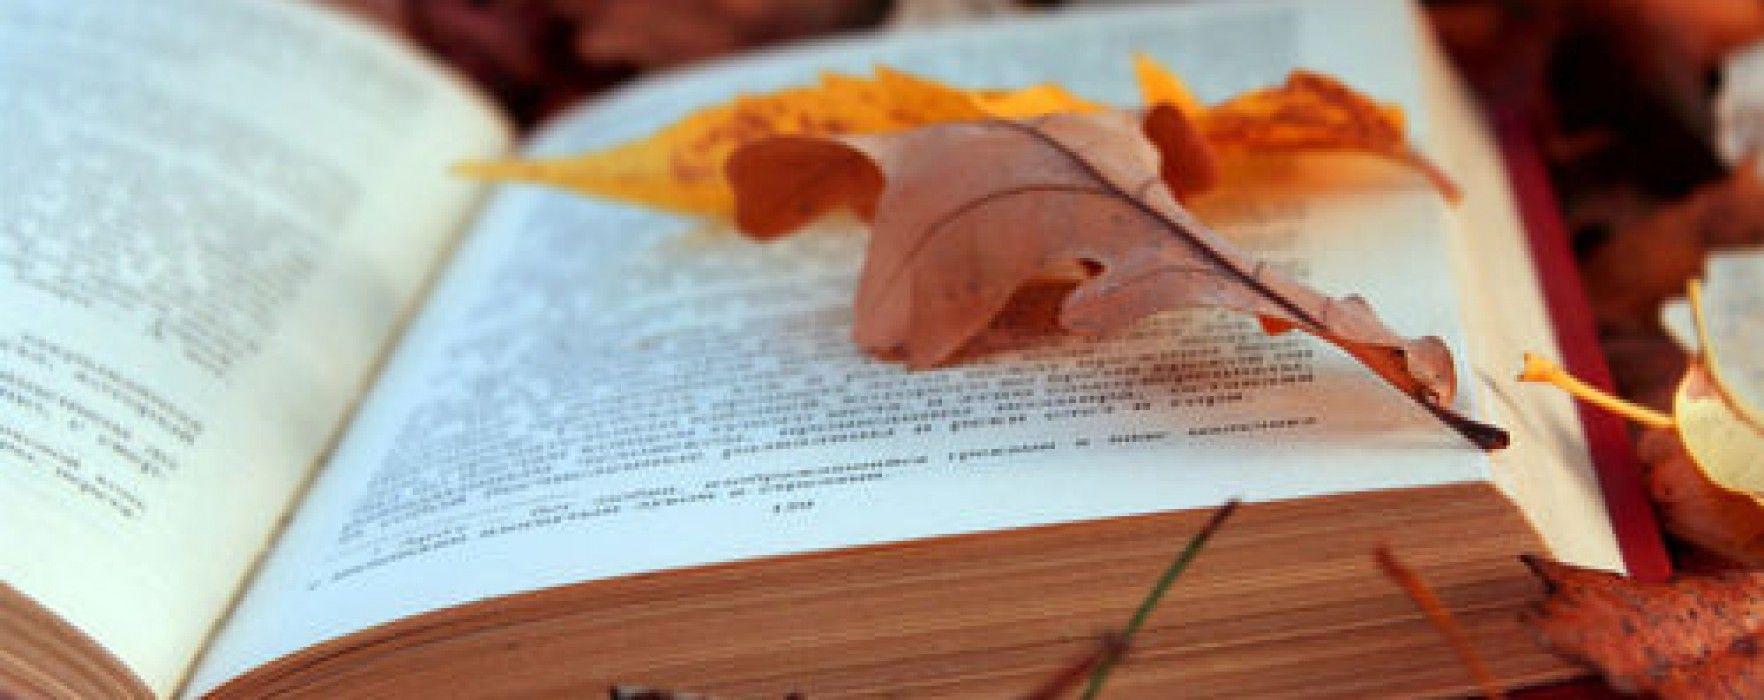 Anche settembre si avvia a conclusione e l'estate lascia lo spazio all'autunno. Ma per chi ama la lettura questo significa anche domenichepassate a casa sul divano con un buon libro. S…